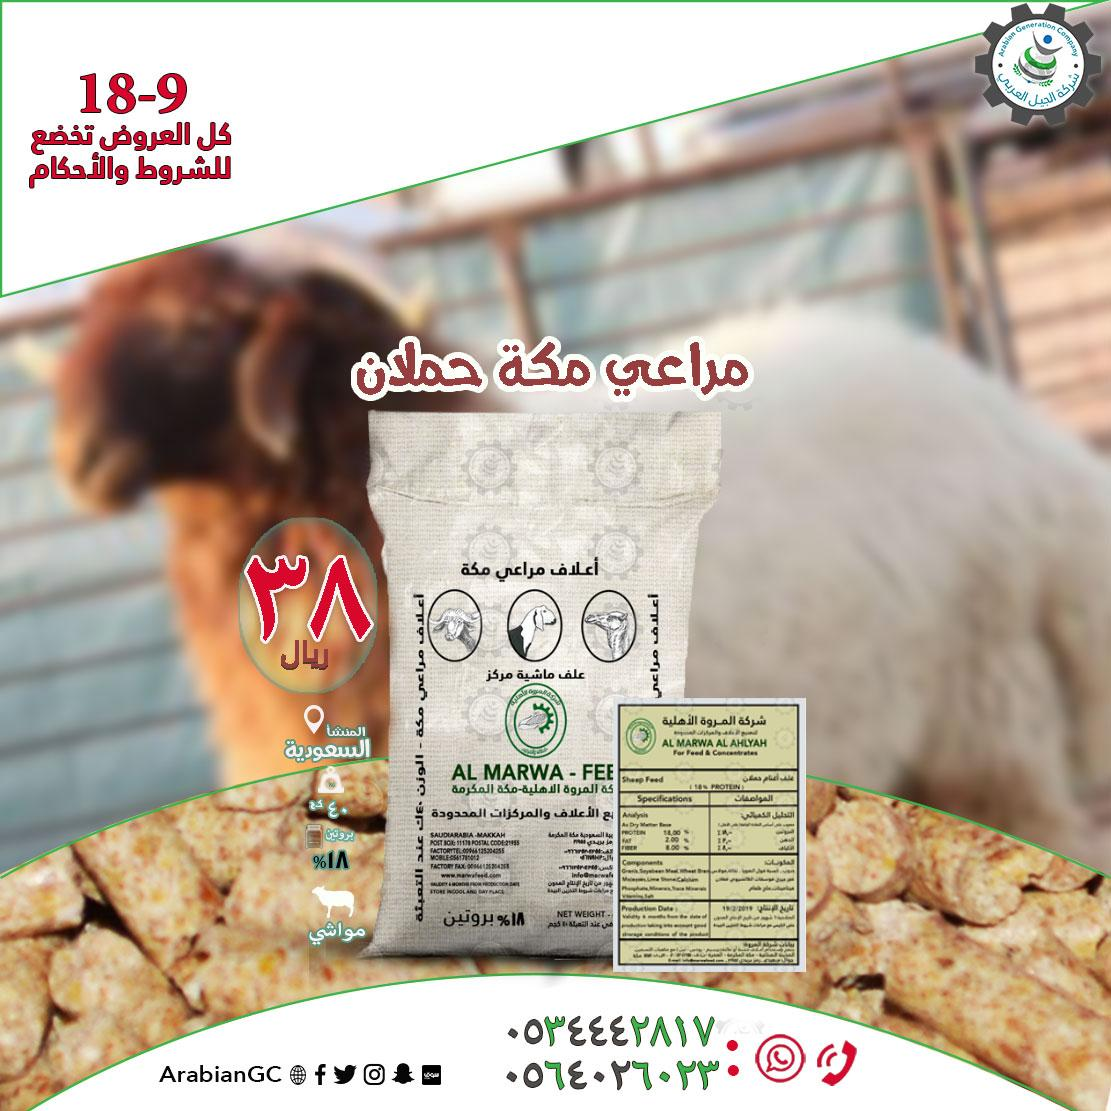 أعلاف للبيع شركة الجيل العربي d.php?hash=746RCZB6E